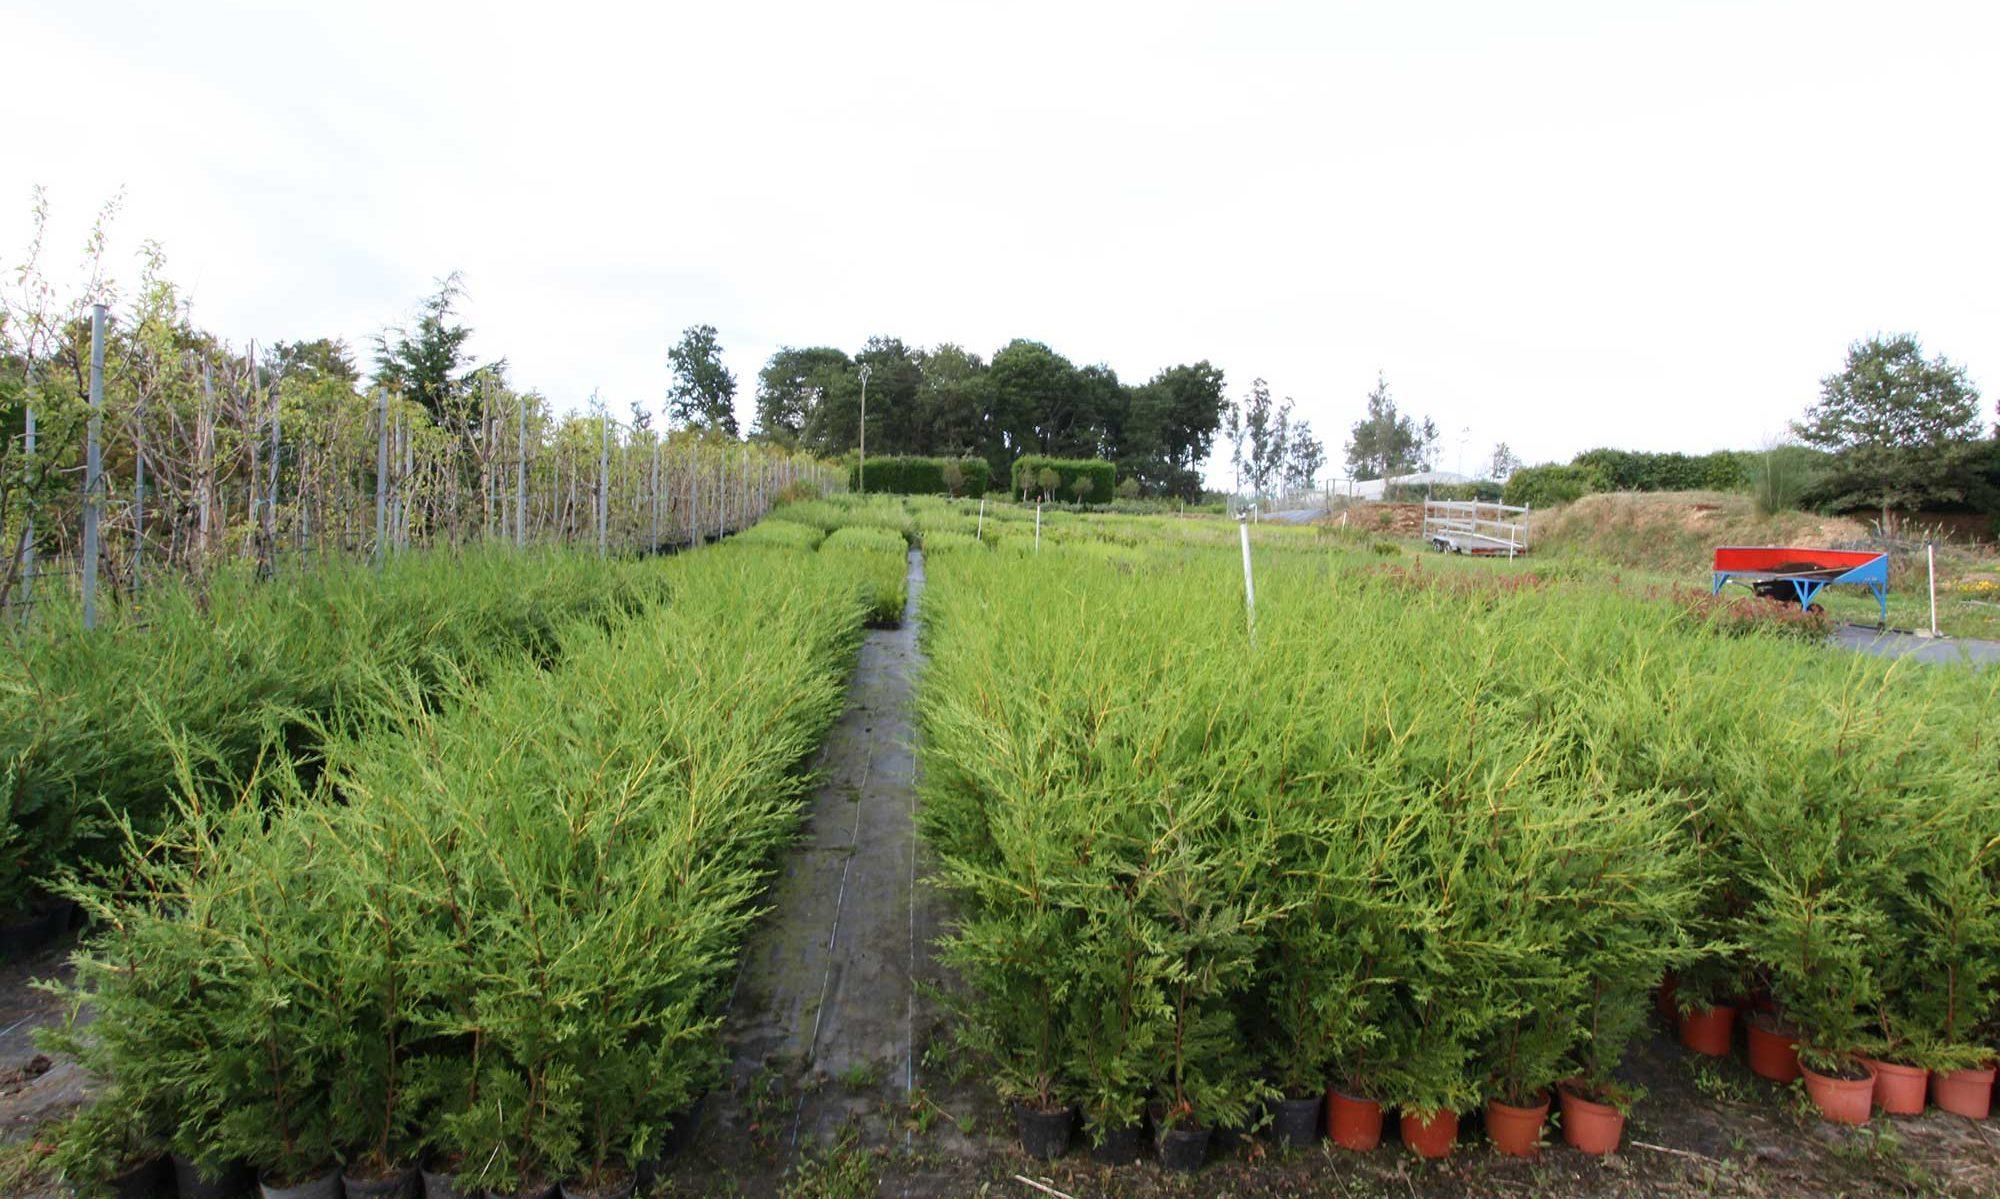 Viforsa, Castaño hibrido, planta ornamental, forestal y de frutos del bosque